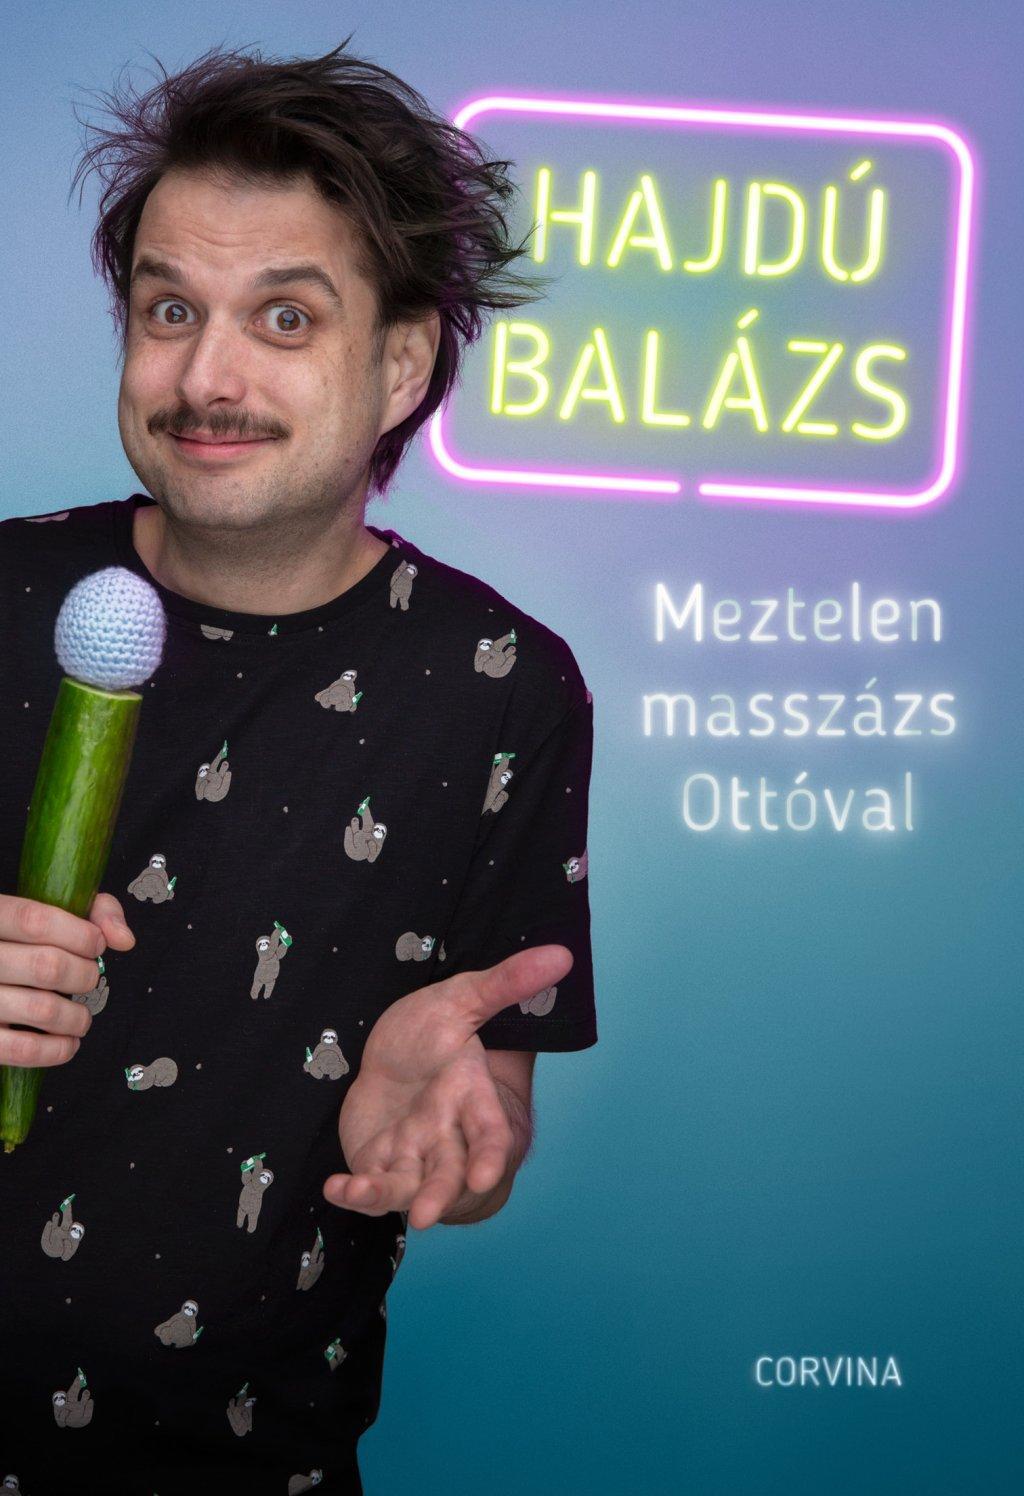 Hajdú Balázs - Meztelen masszázs Ottóval